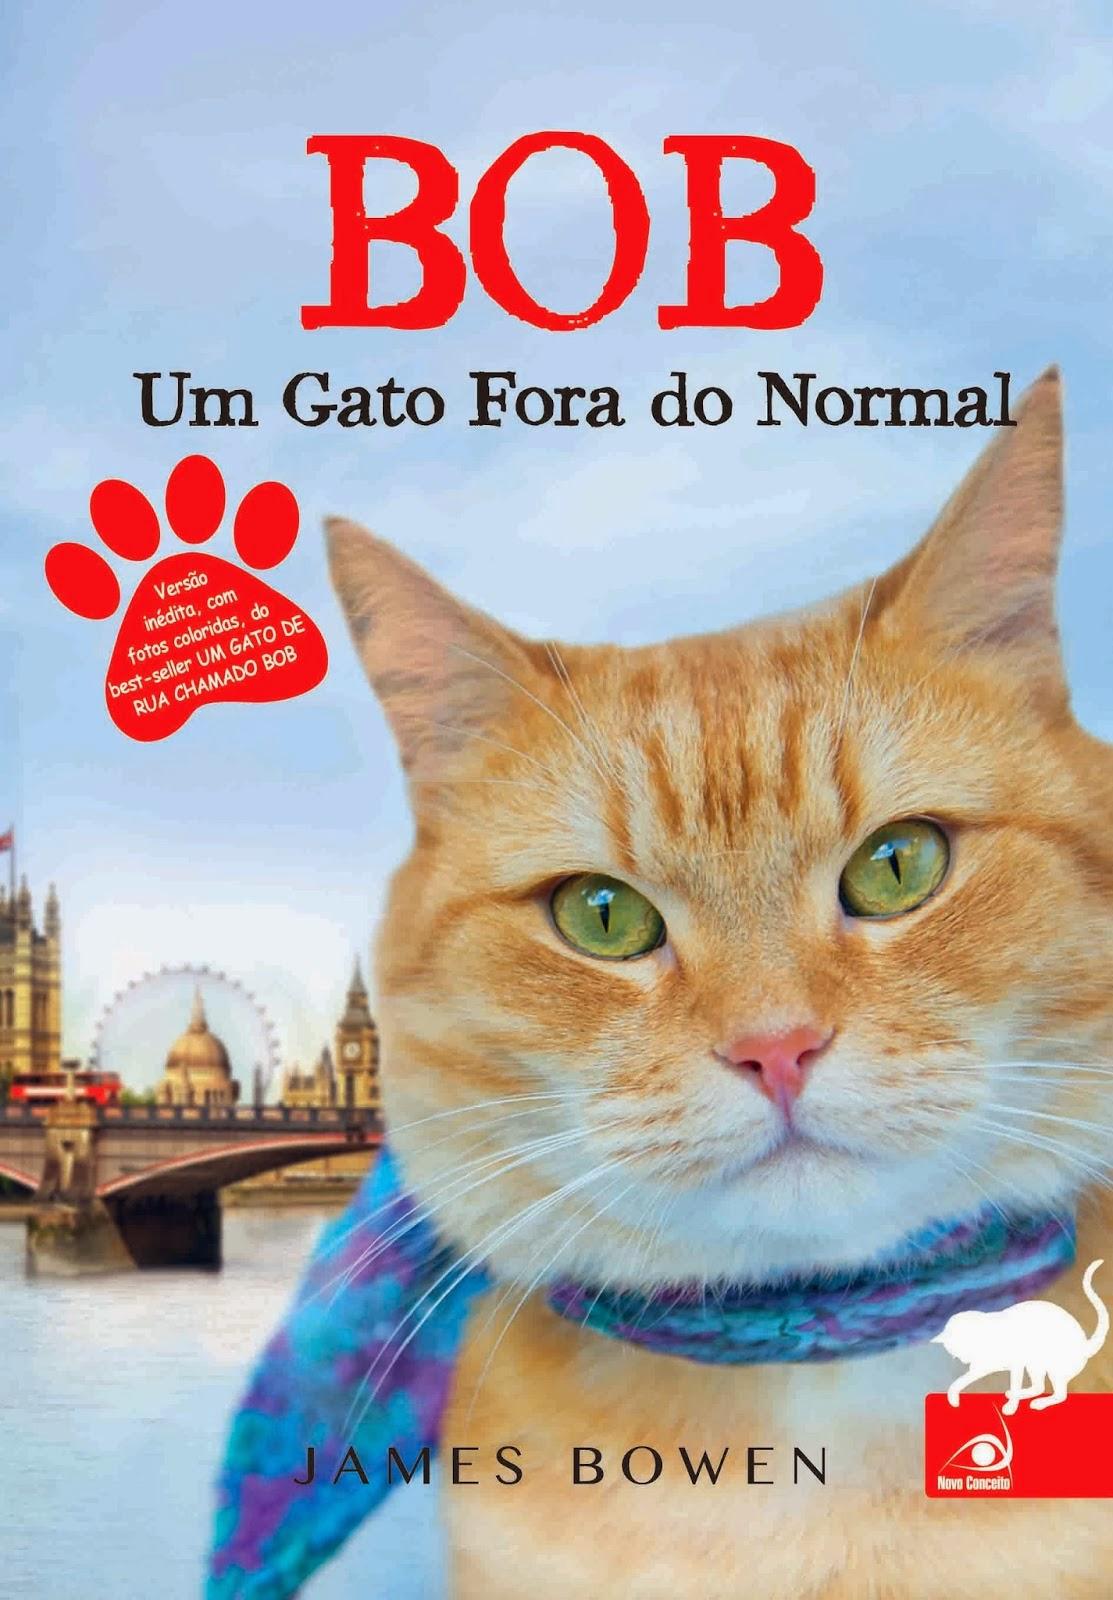 http://www.skoob.com.br/livro/374182-bob-um-gato-fora-do-normal